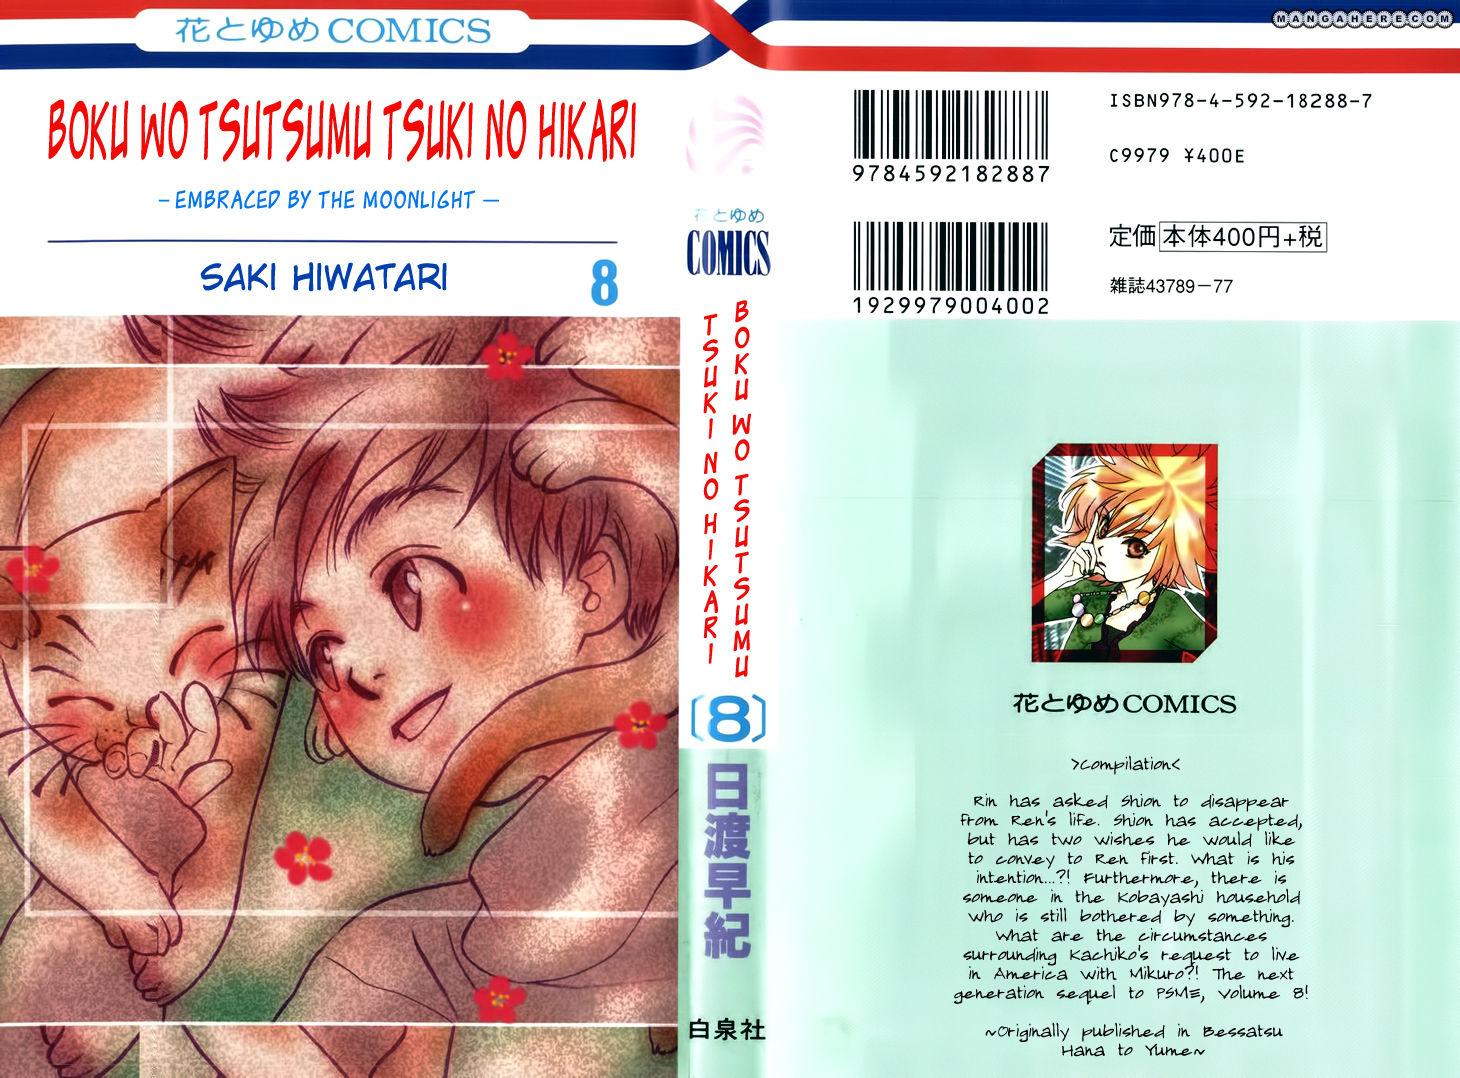 Boku wo Tsutsumu Tsuki no Hikari 37 Page 1